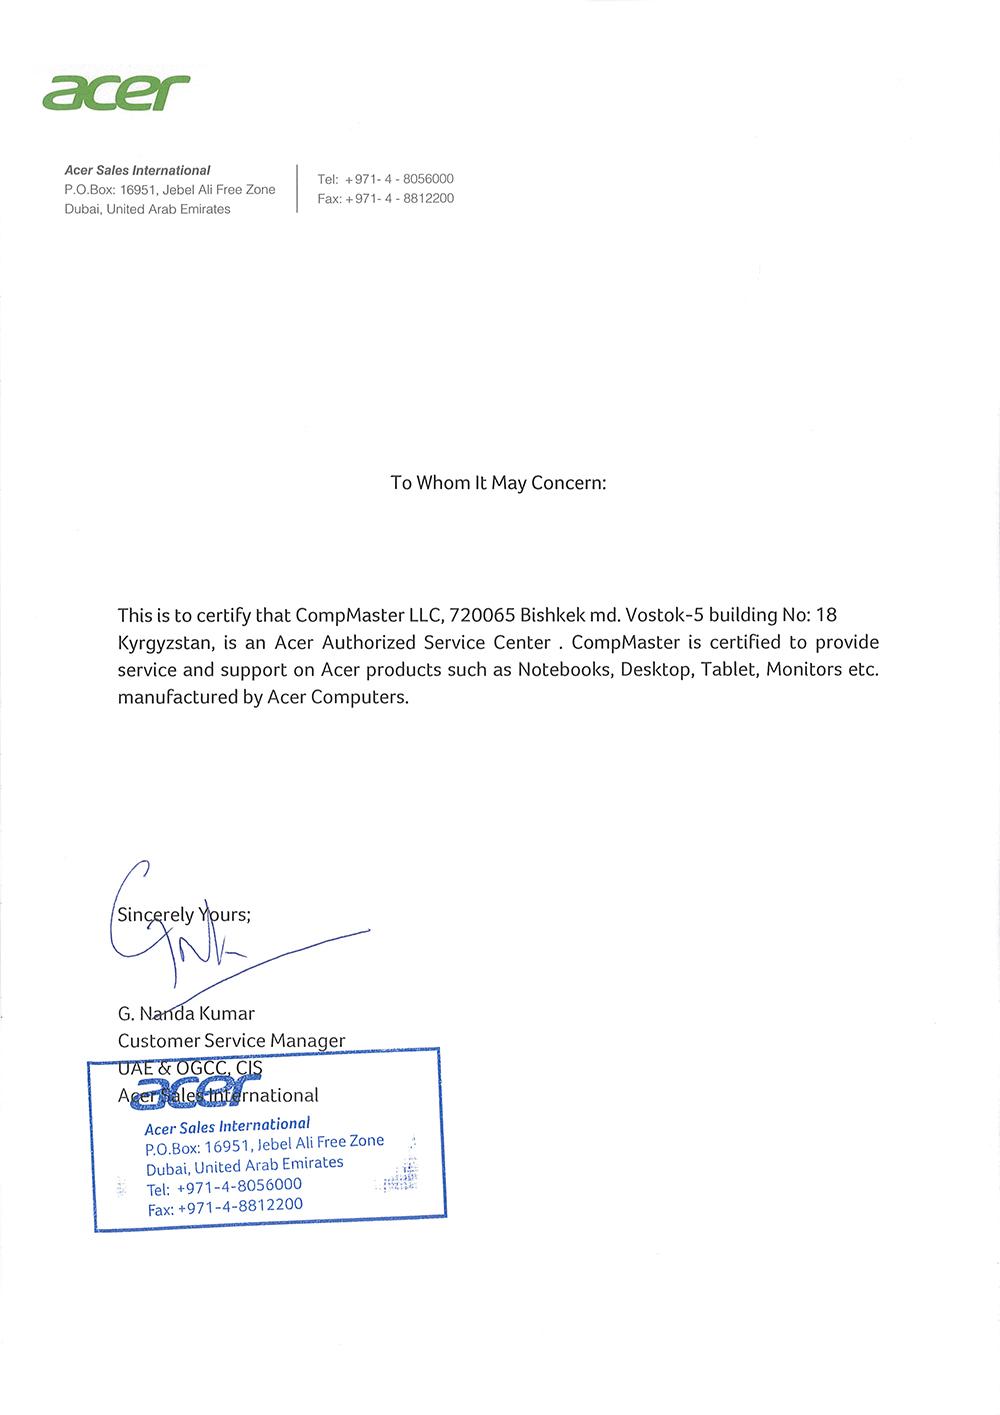 Мы получили статус официального сервисного центра Acer